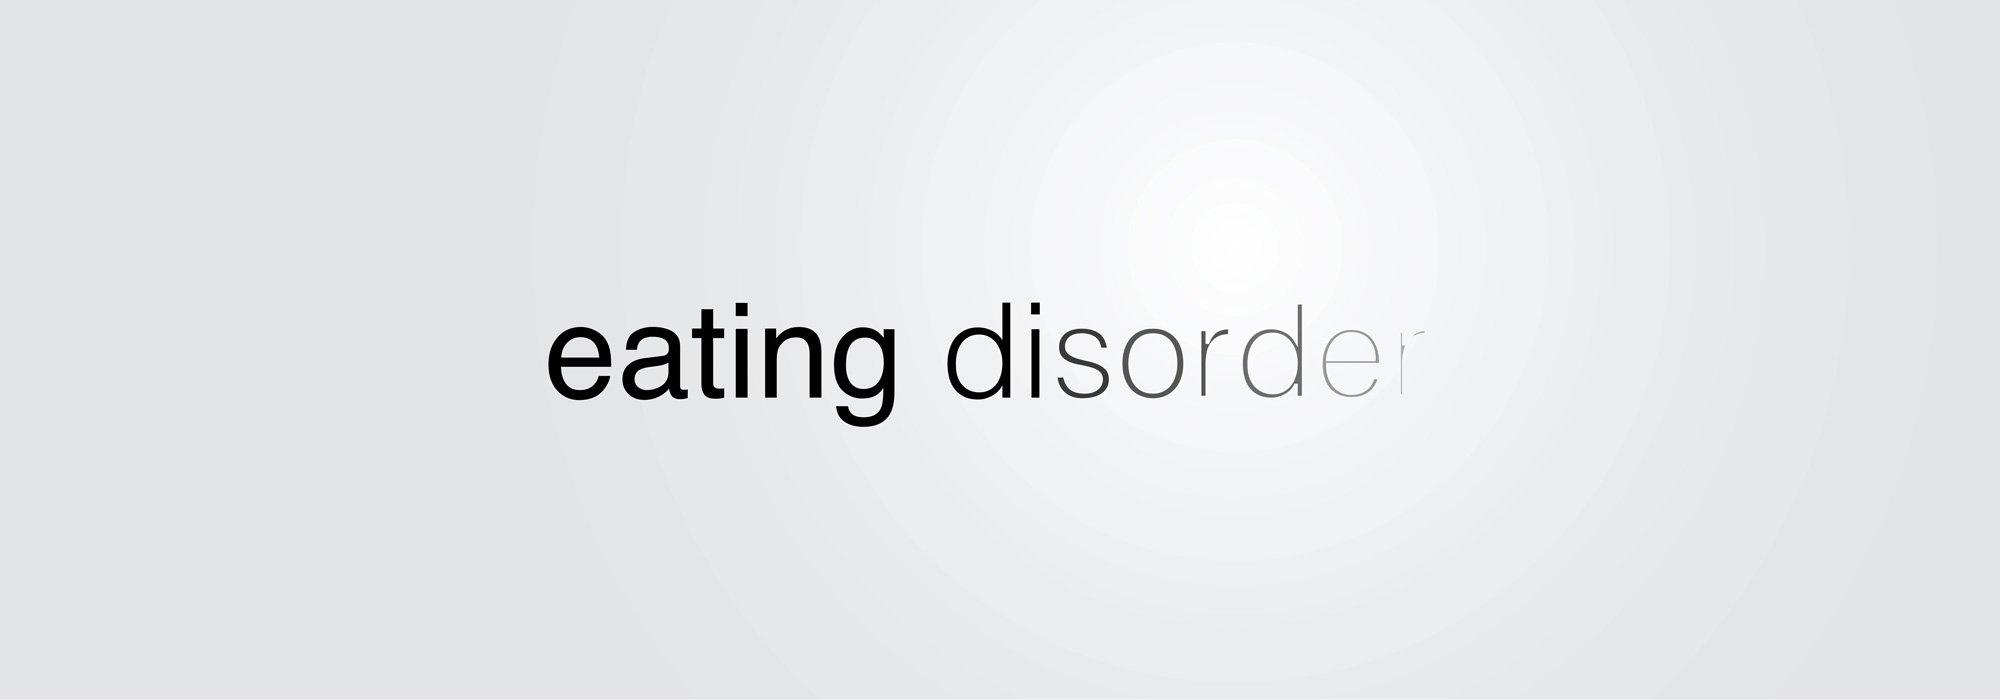 Disturbi alimentari, il supporto dei social network